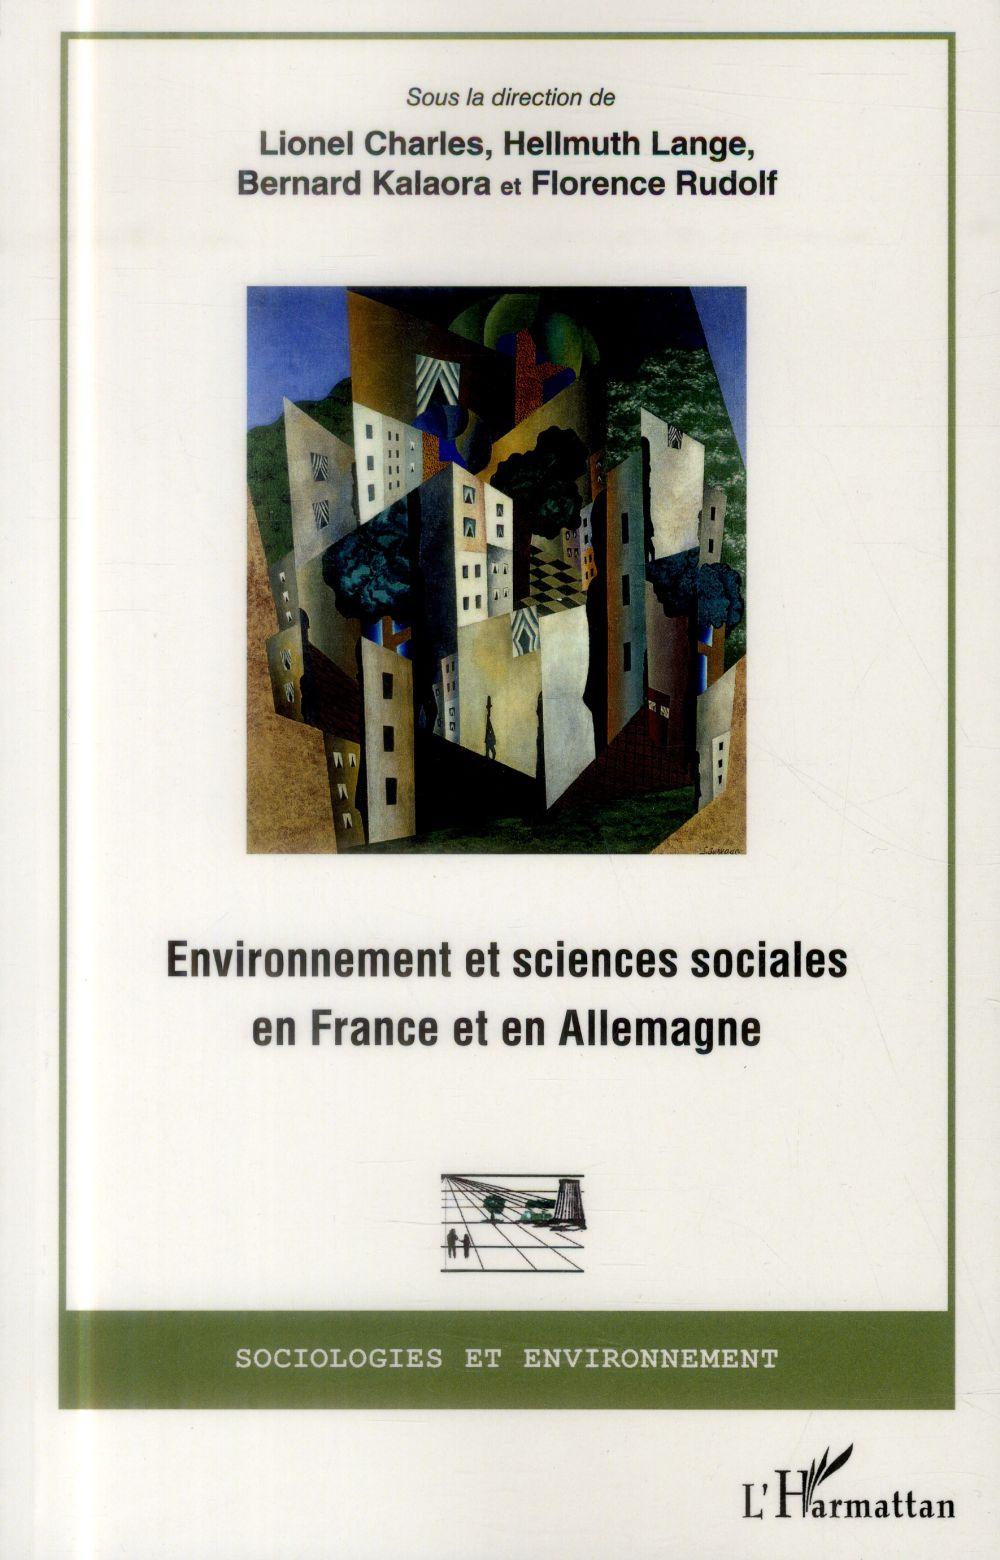 Environnement et sciences sociales en France et en Allemagne